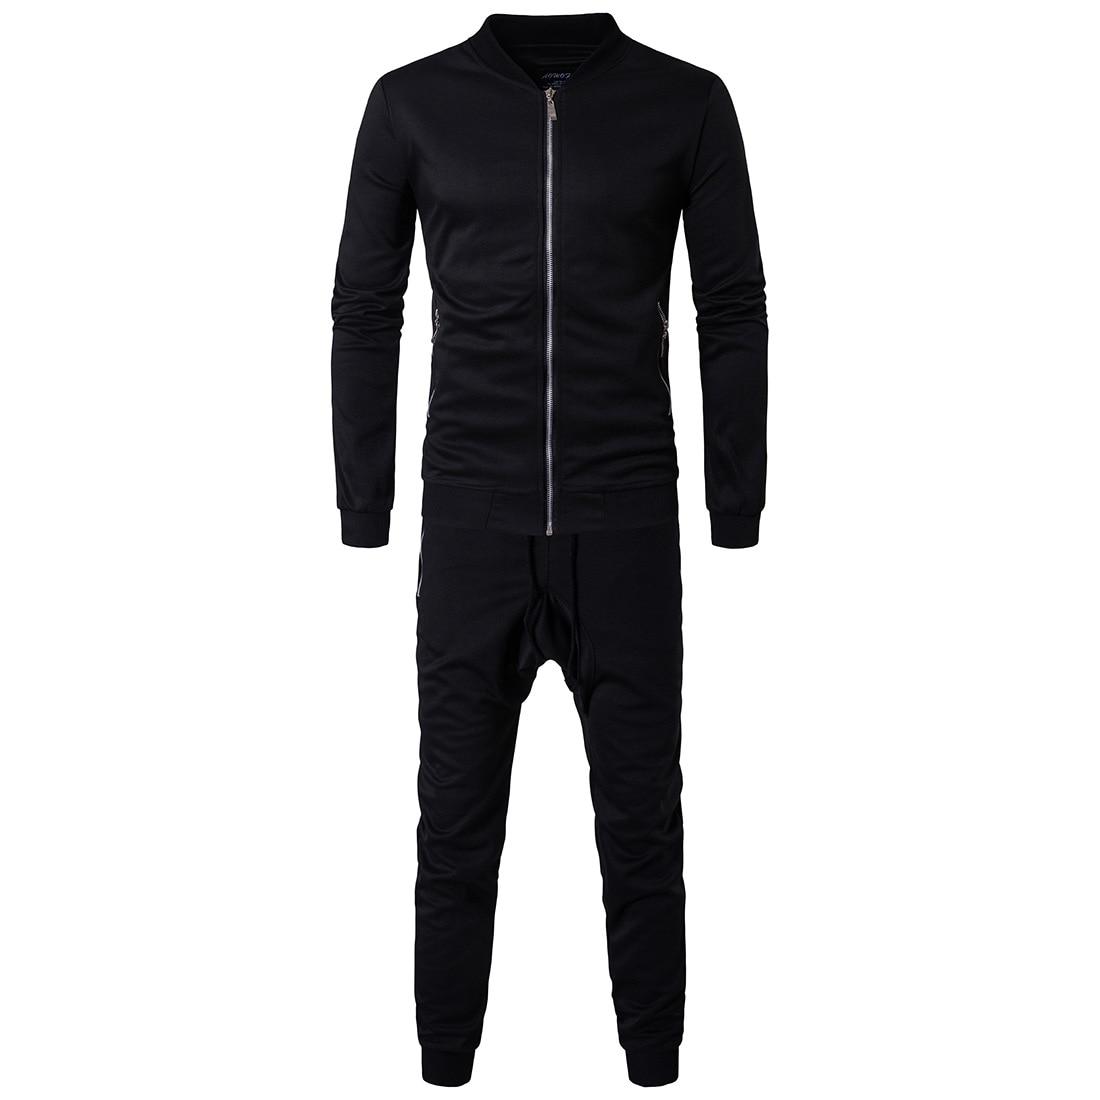 17 Autumn Clothing New Style Men Hoodie Suit Sports Set Men's D003 Set